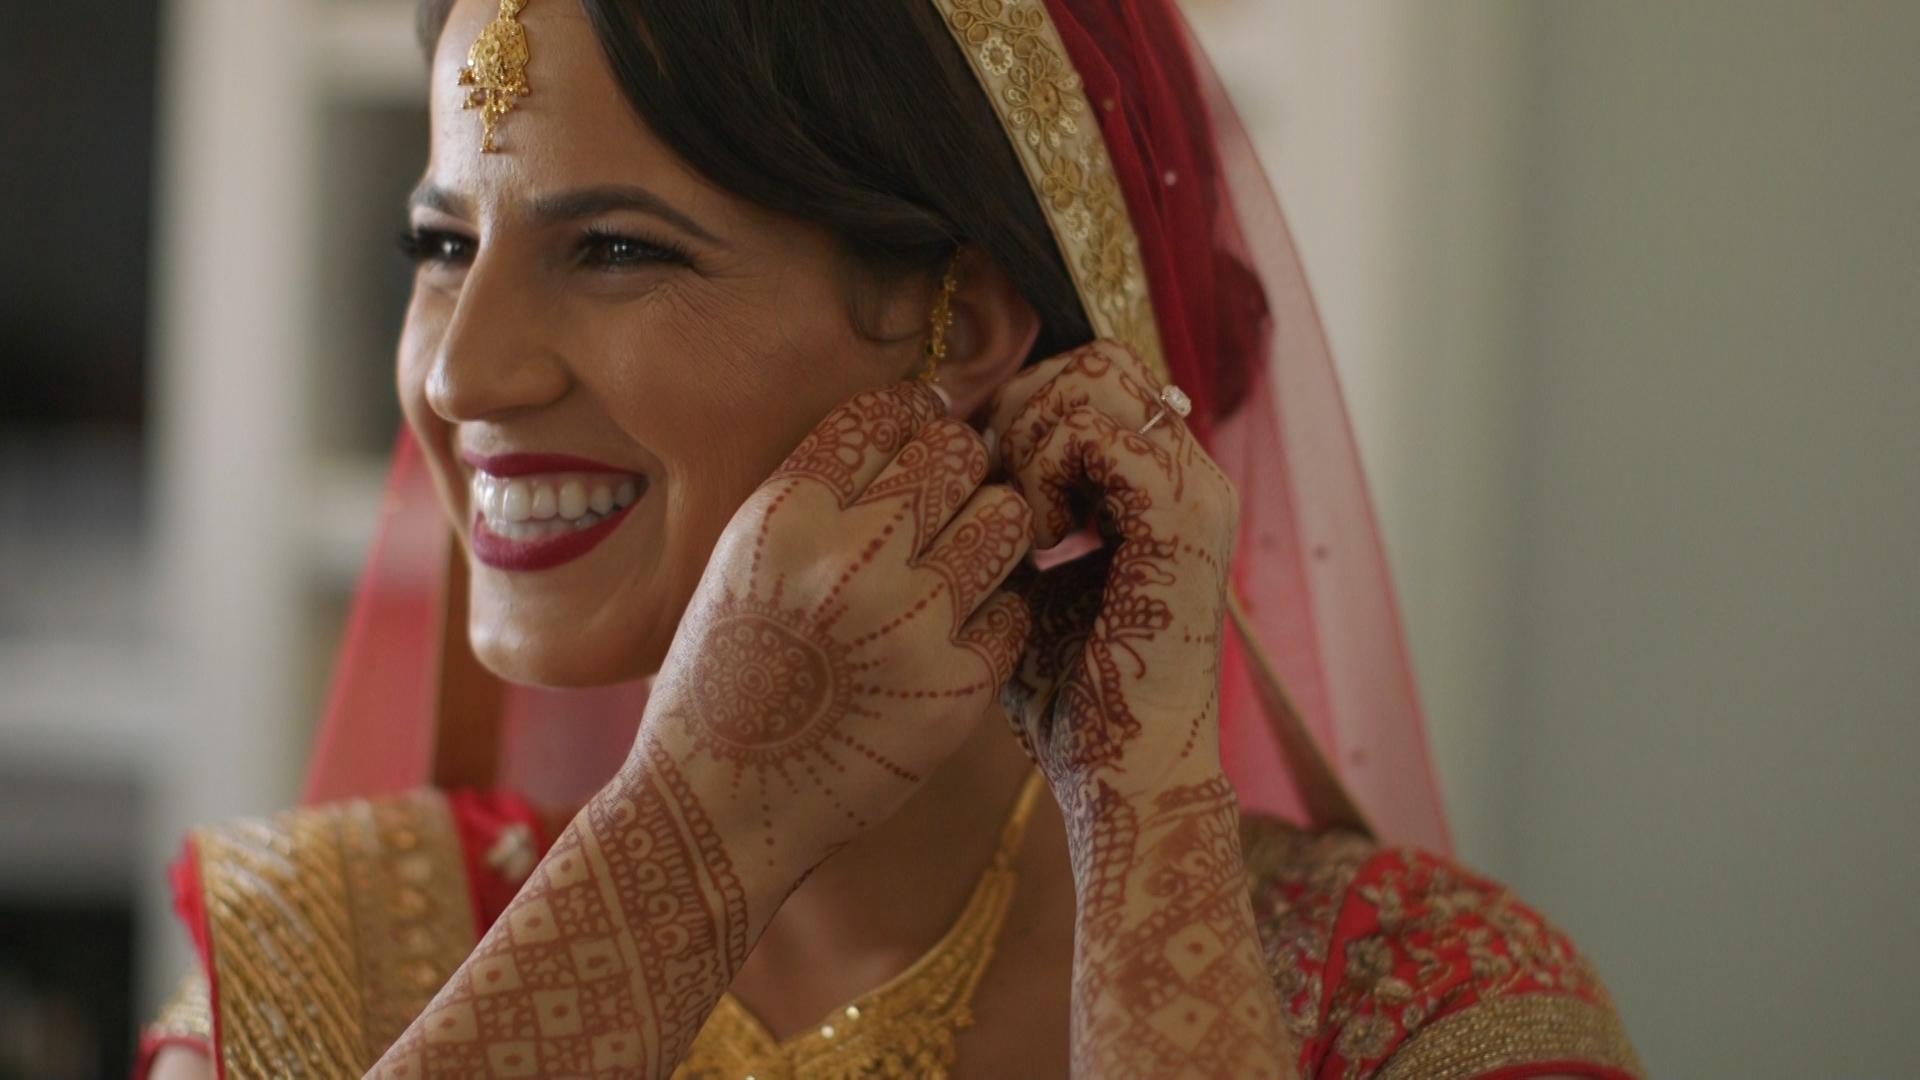 bride-indian-wedding-getting-ready.jpg